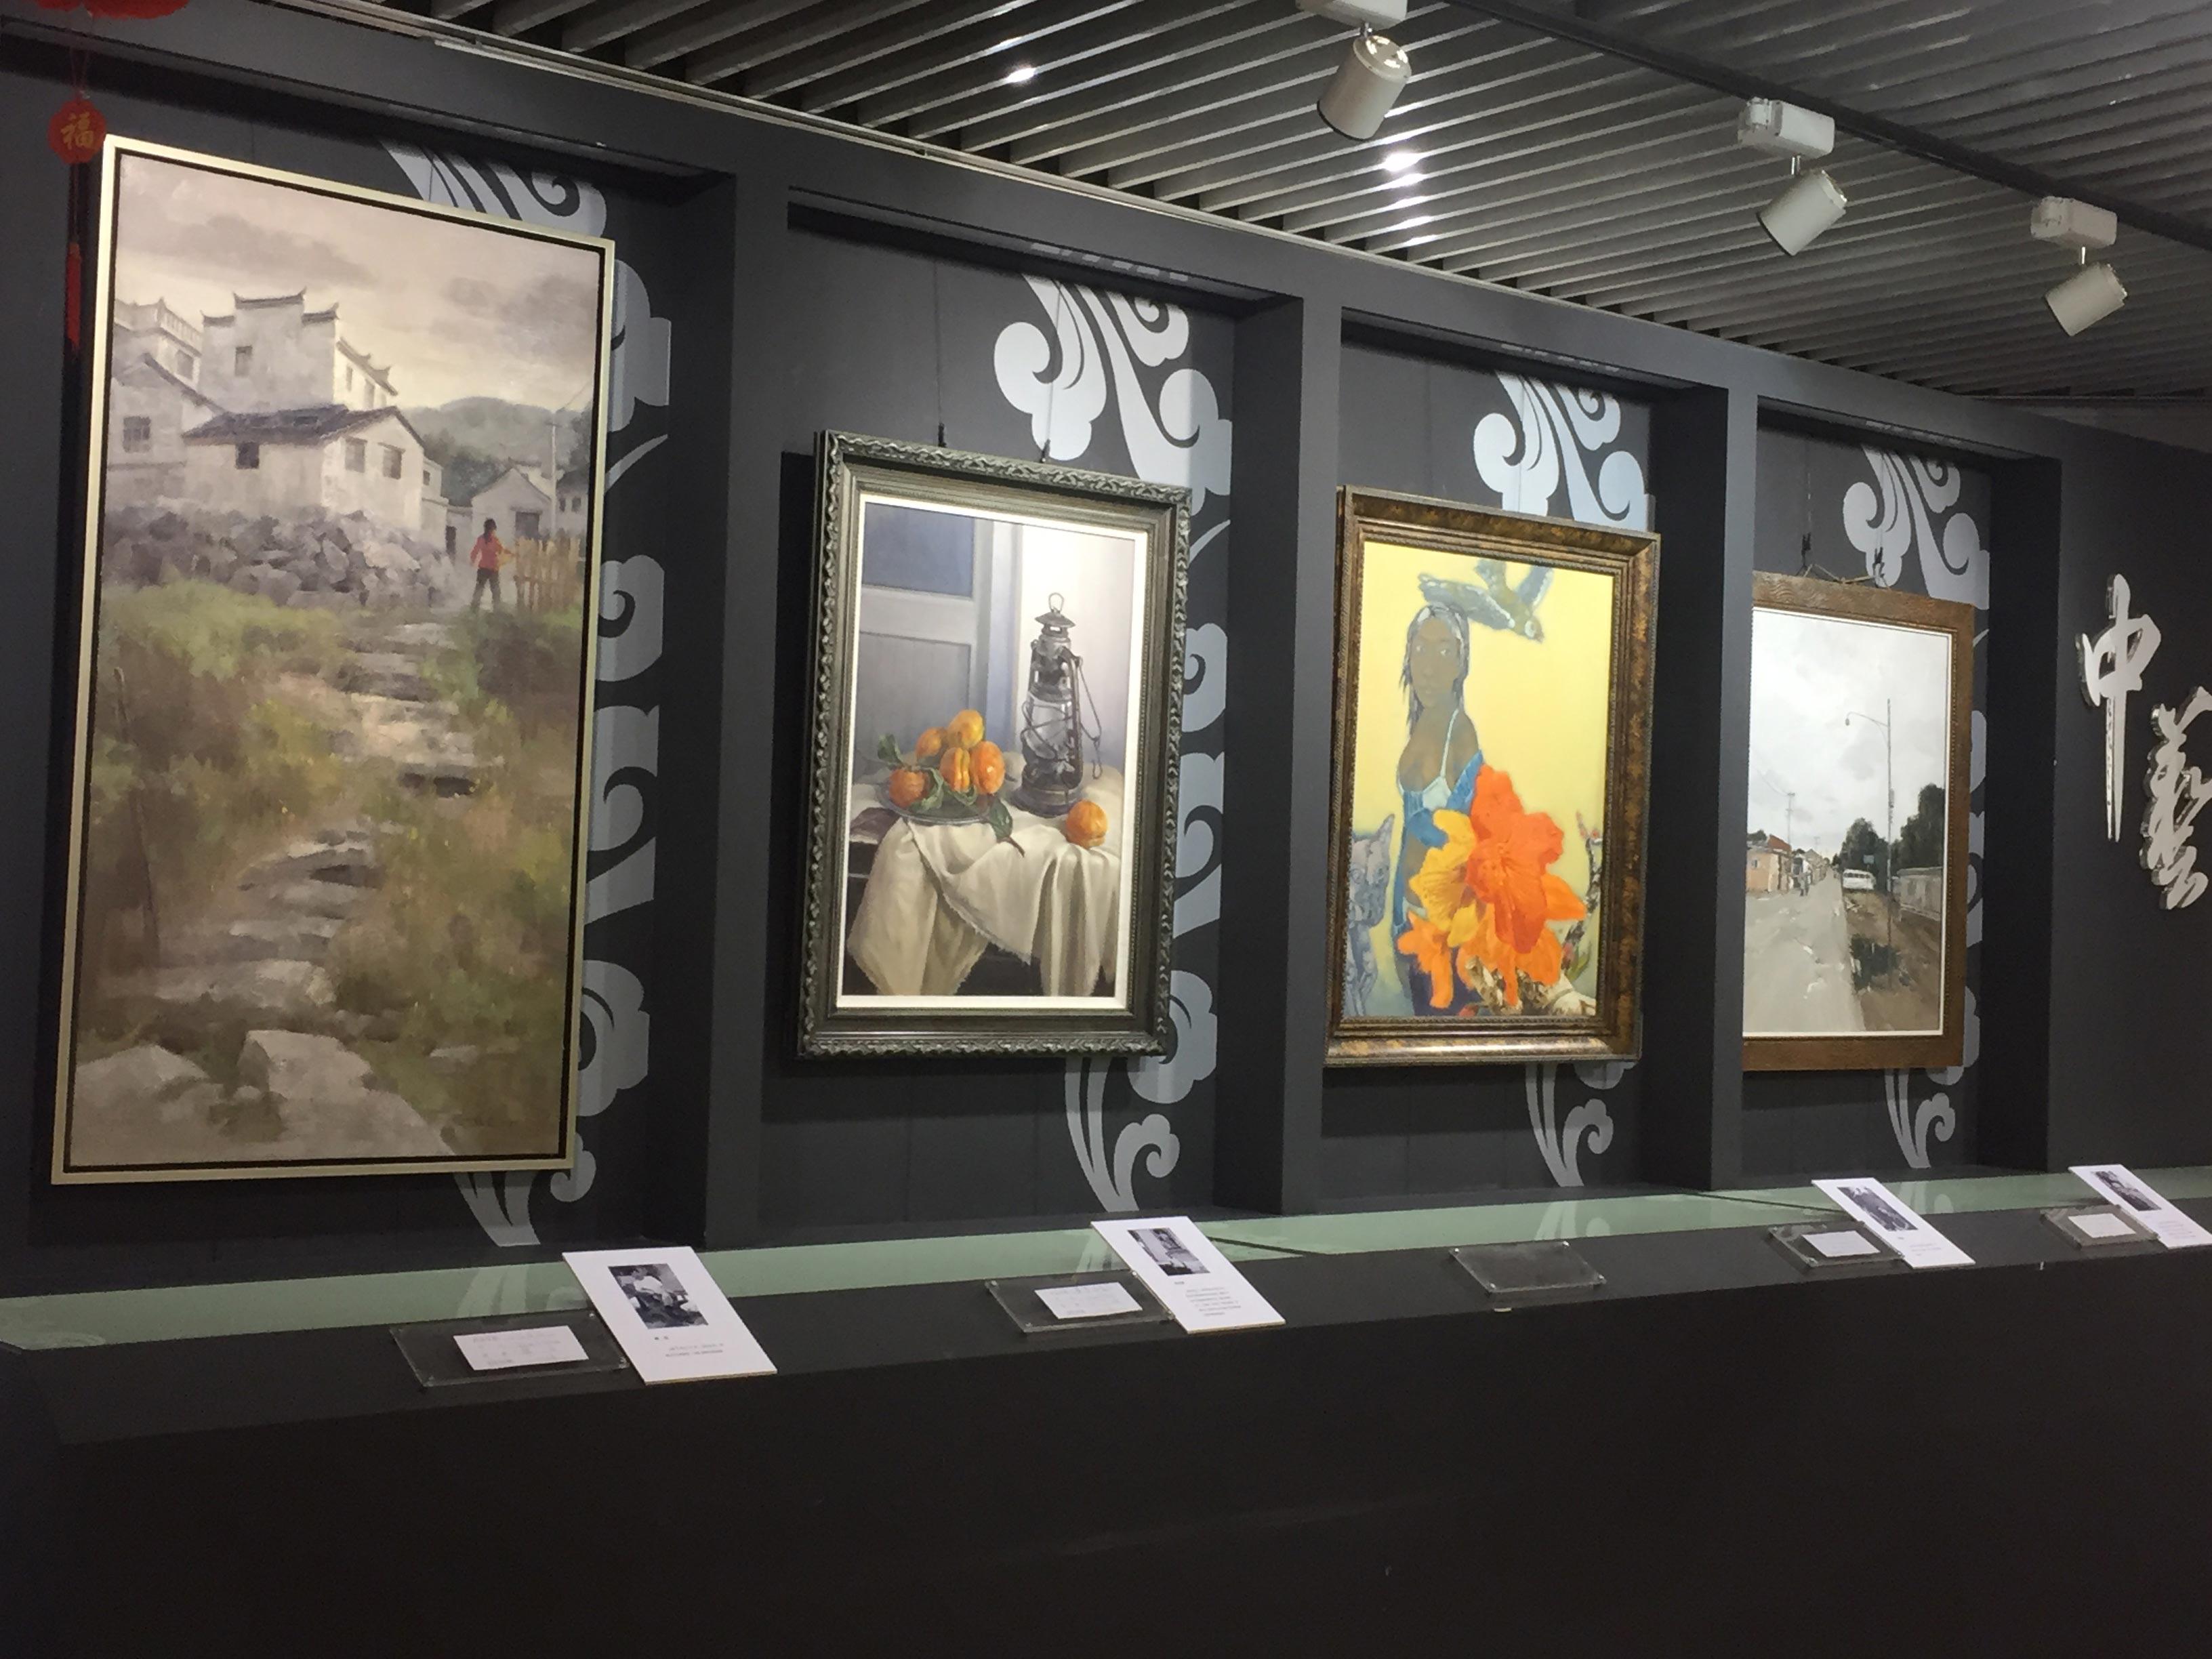 2016 PECC常务理事会暨大使书画院新年画展